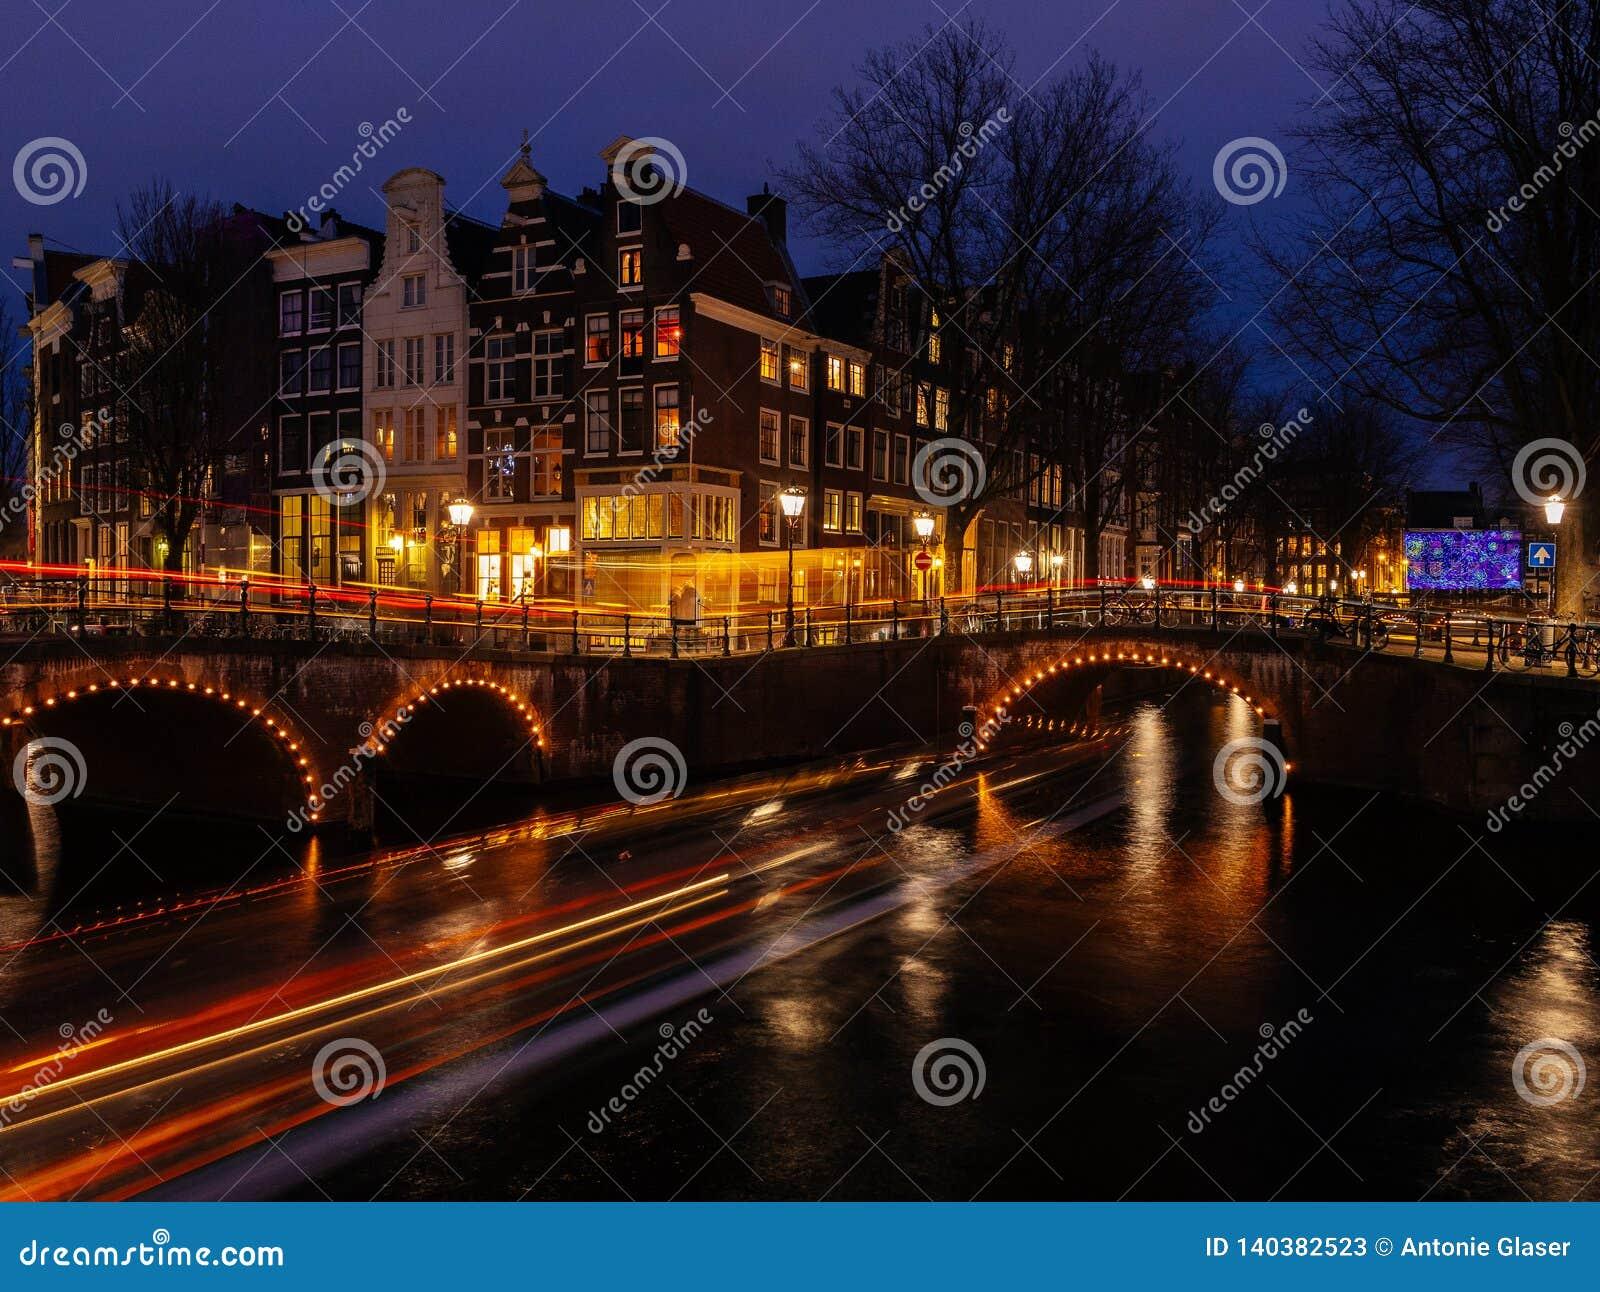 Paisaje típico del canal de Amsterdam en la noche con los rastros ligeros y agua reflectora